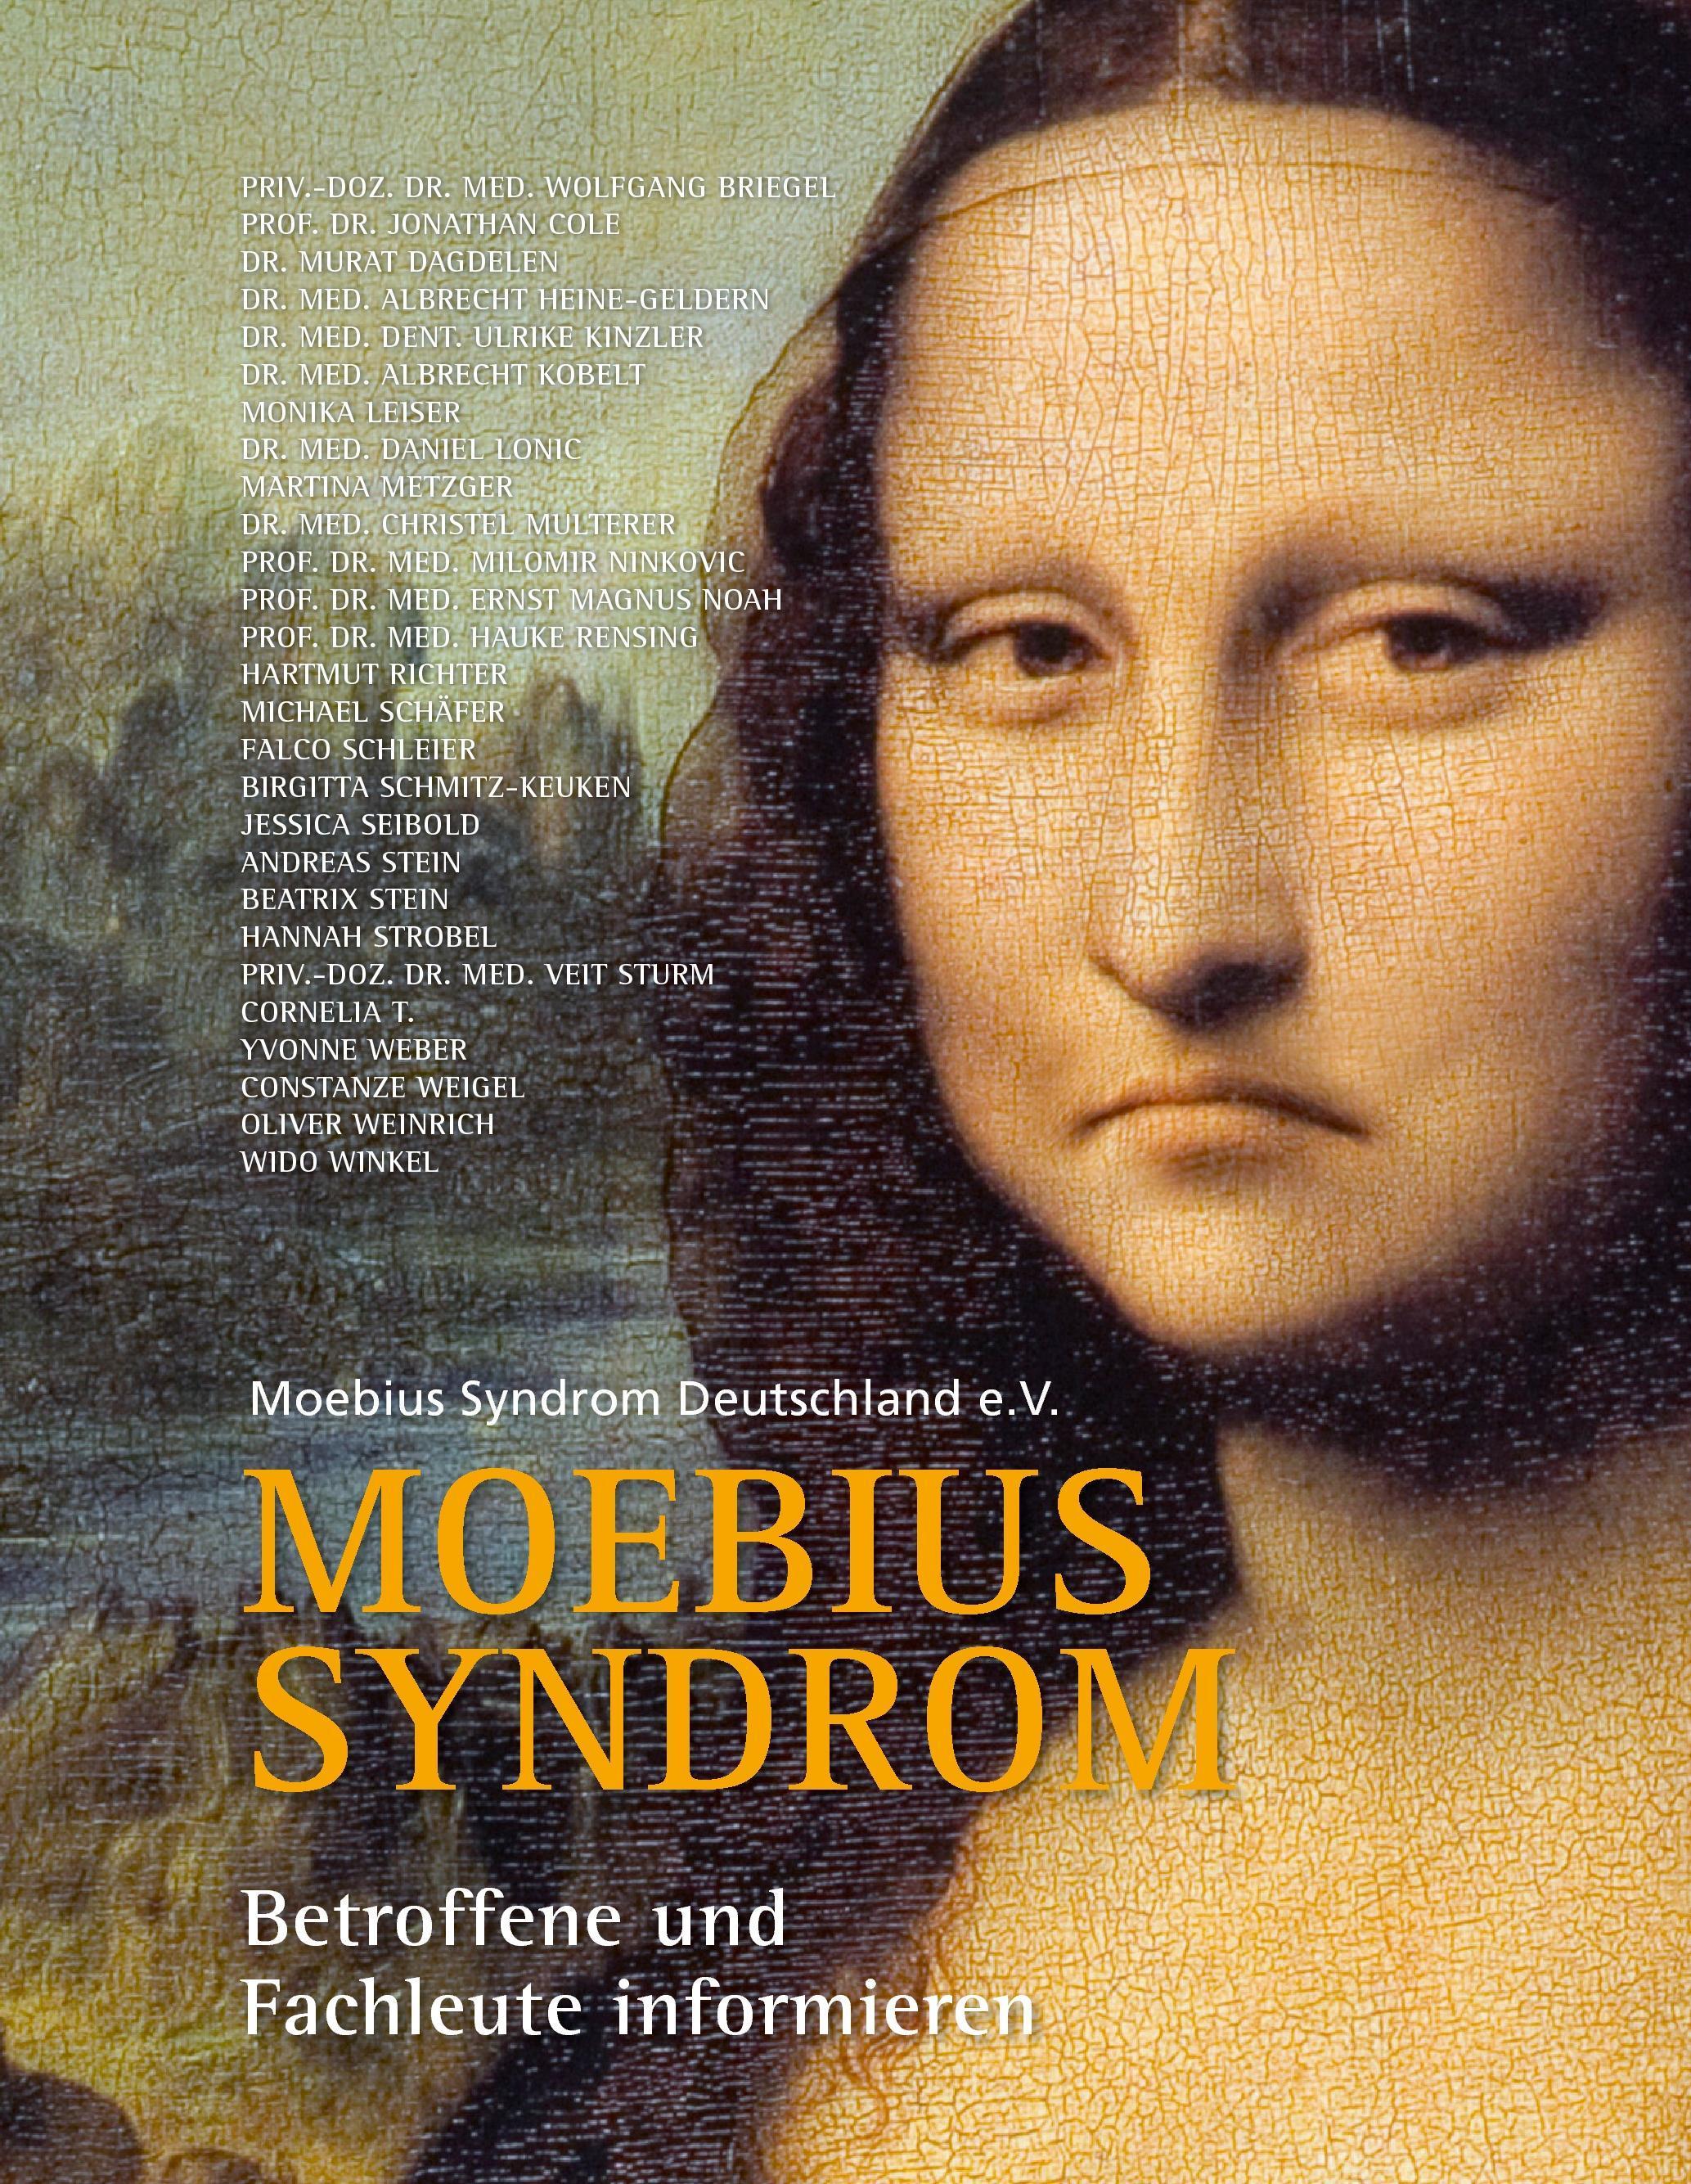 Moebius Syndrom